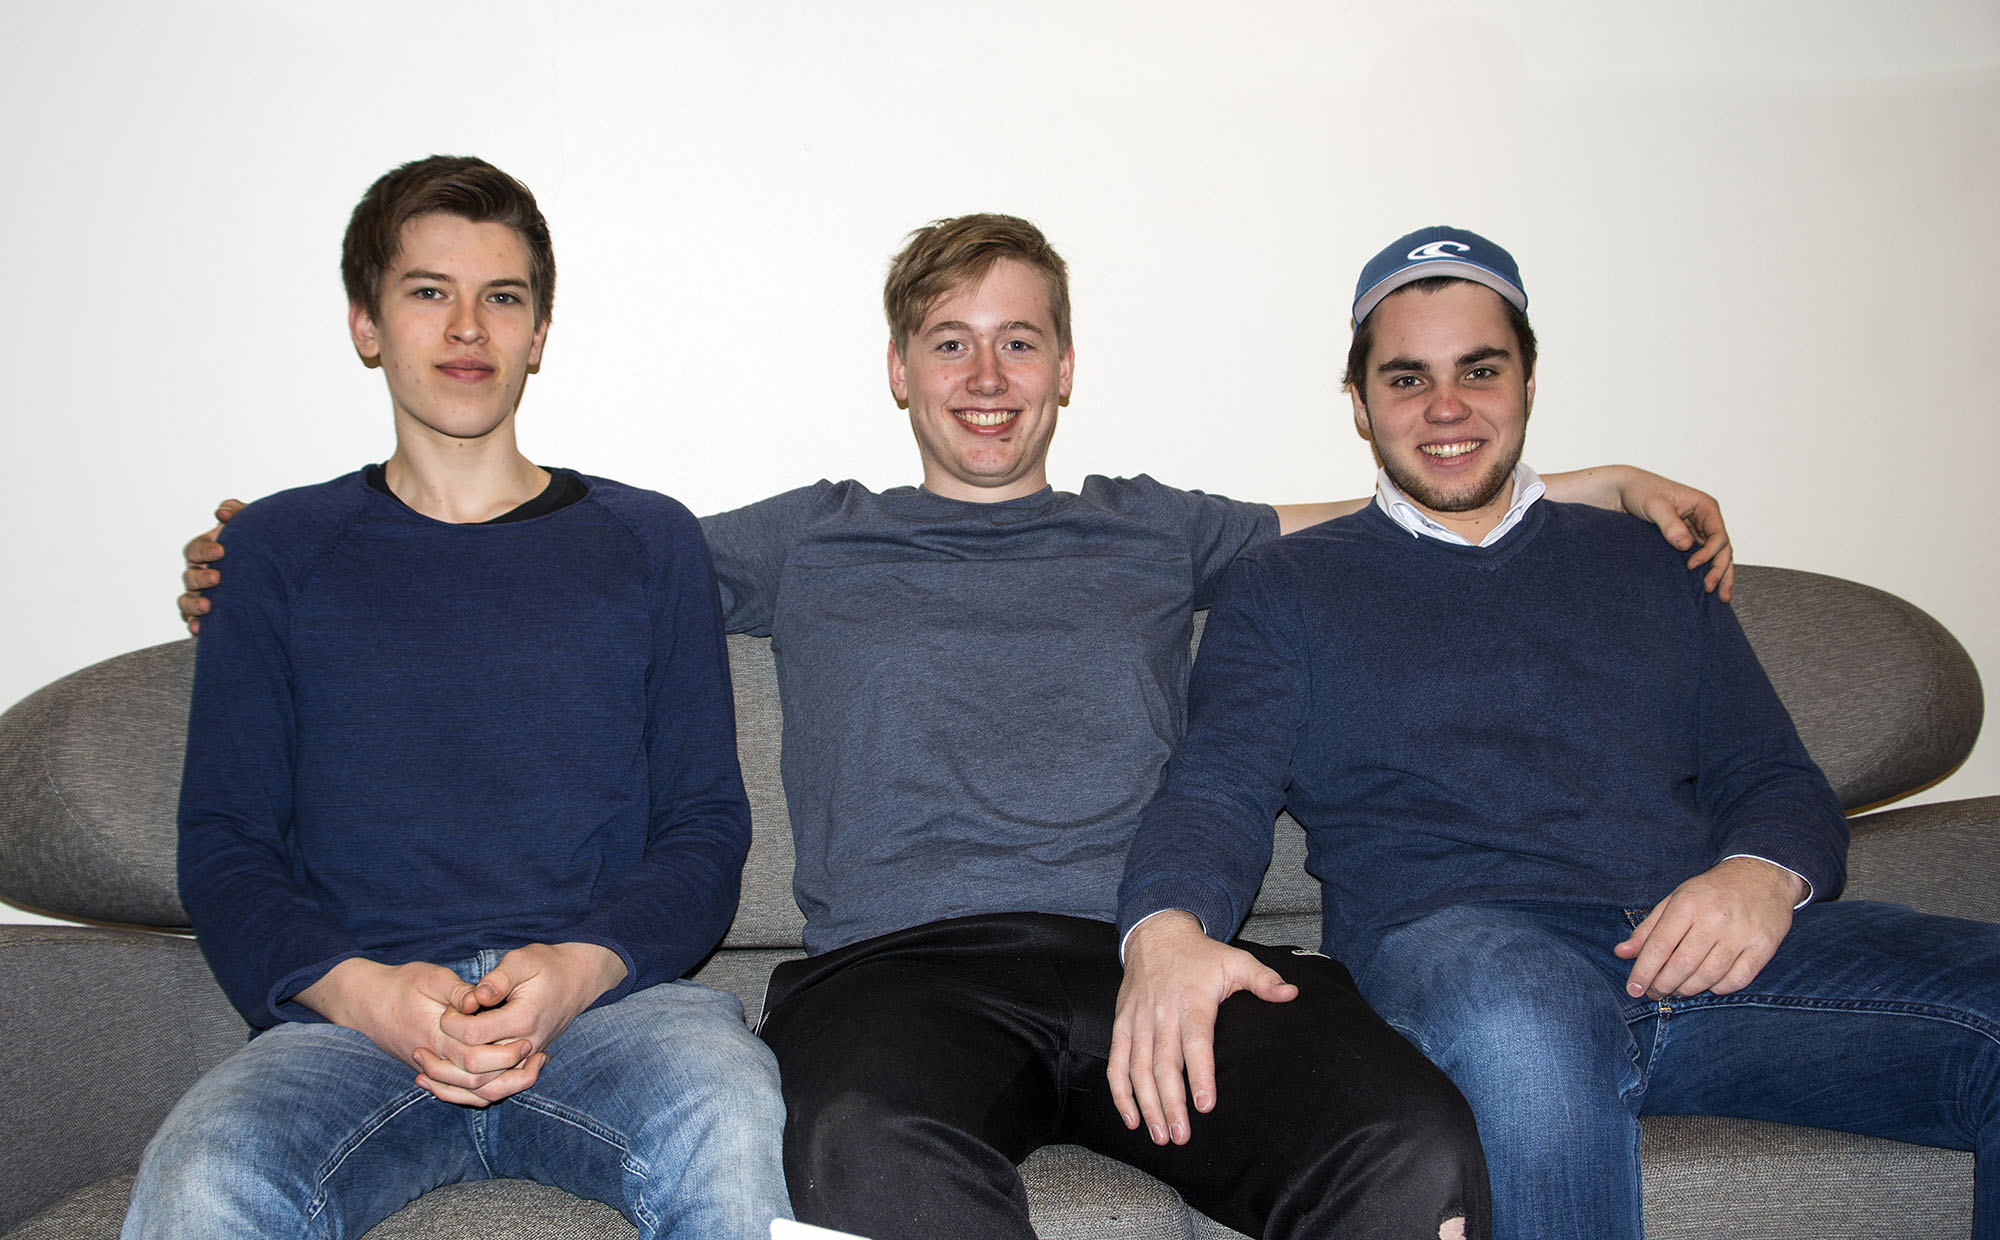 Jonathan Følsvik, Nikolai Hånes og Sander Gjertsen likar seg godt i orkesteret. Foto: Malin Nordby Kvamme